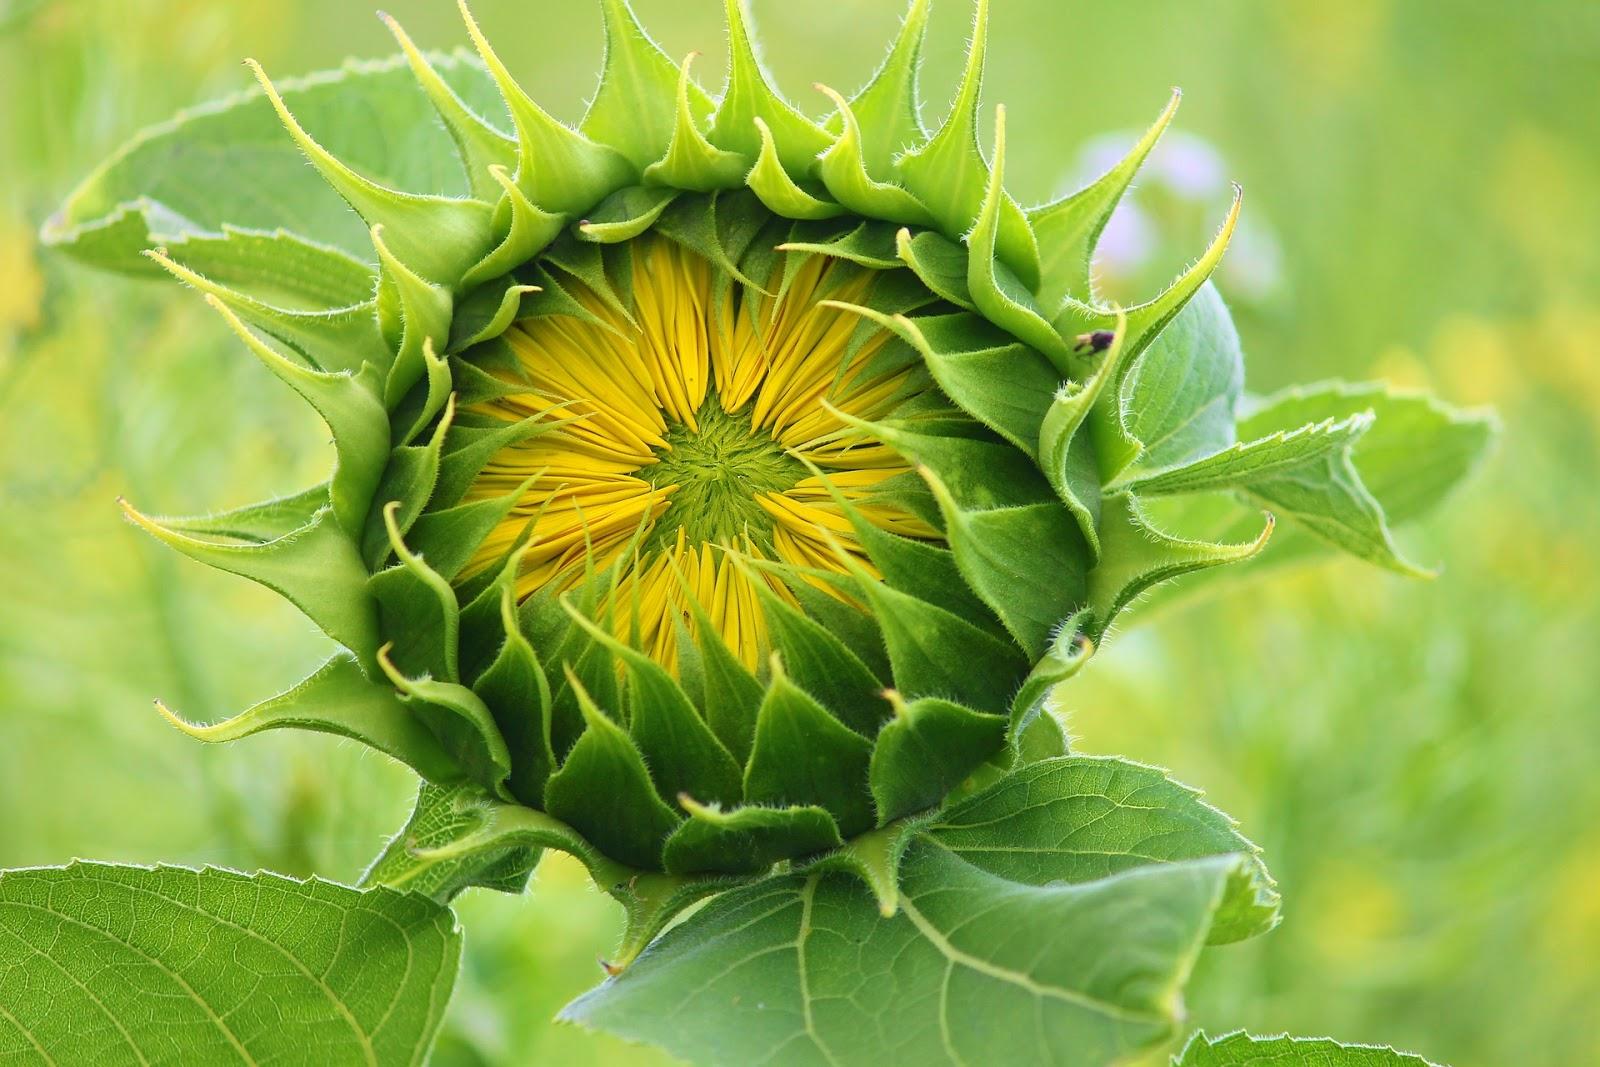 gambar bunga matahari | sunflower